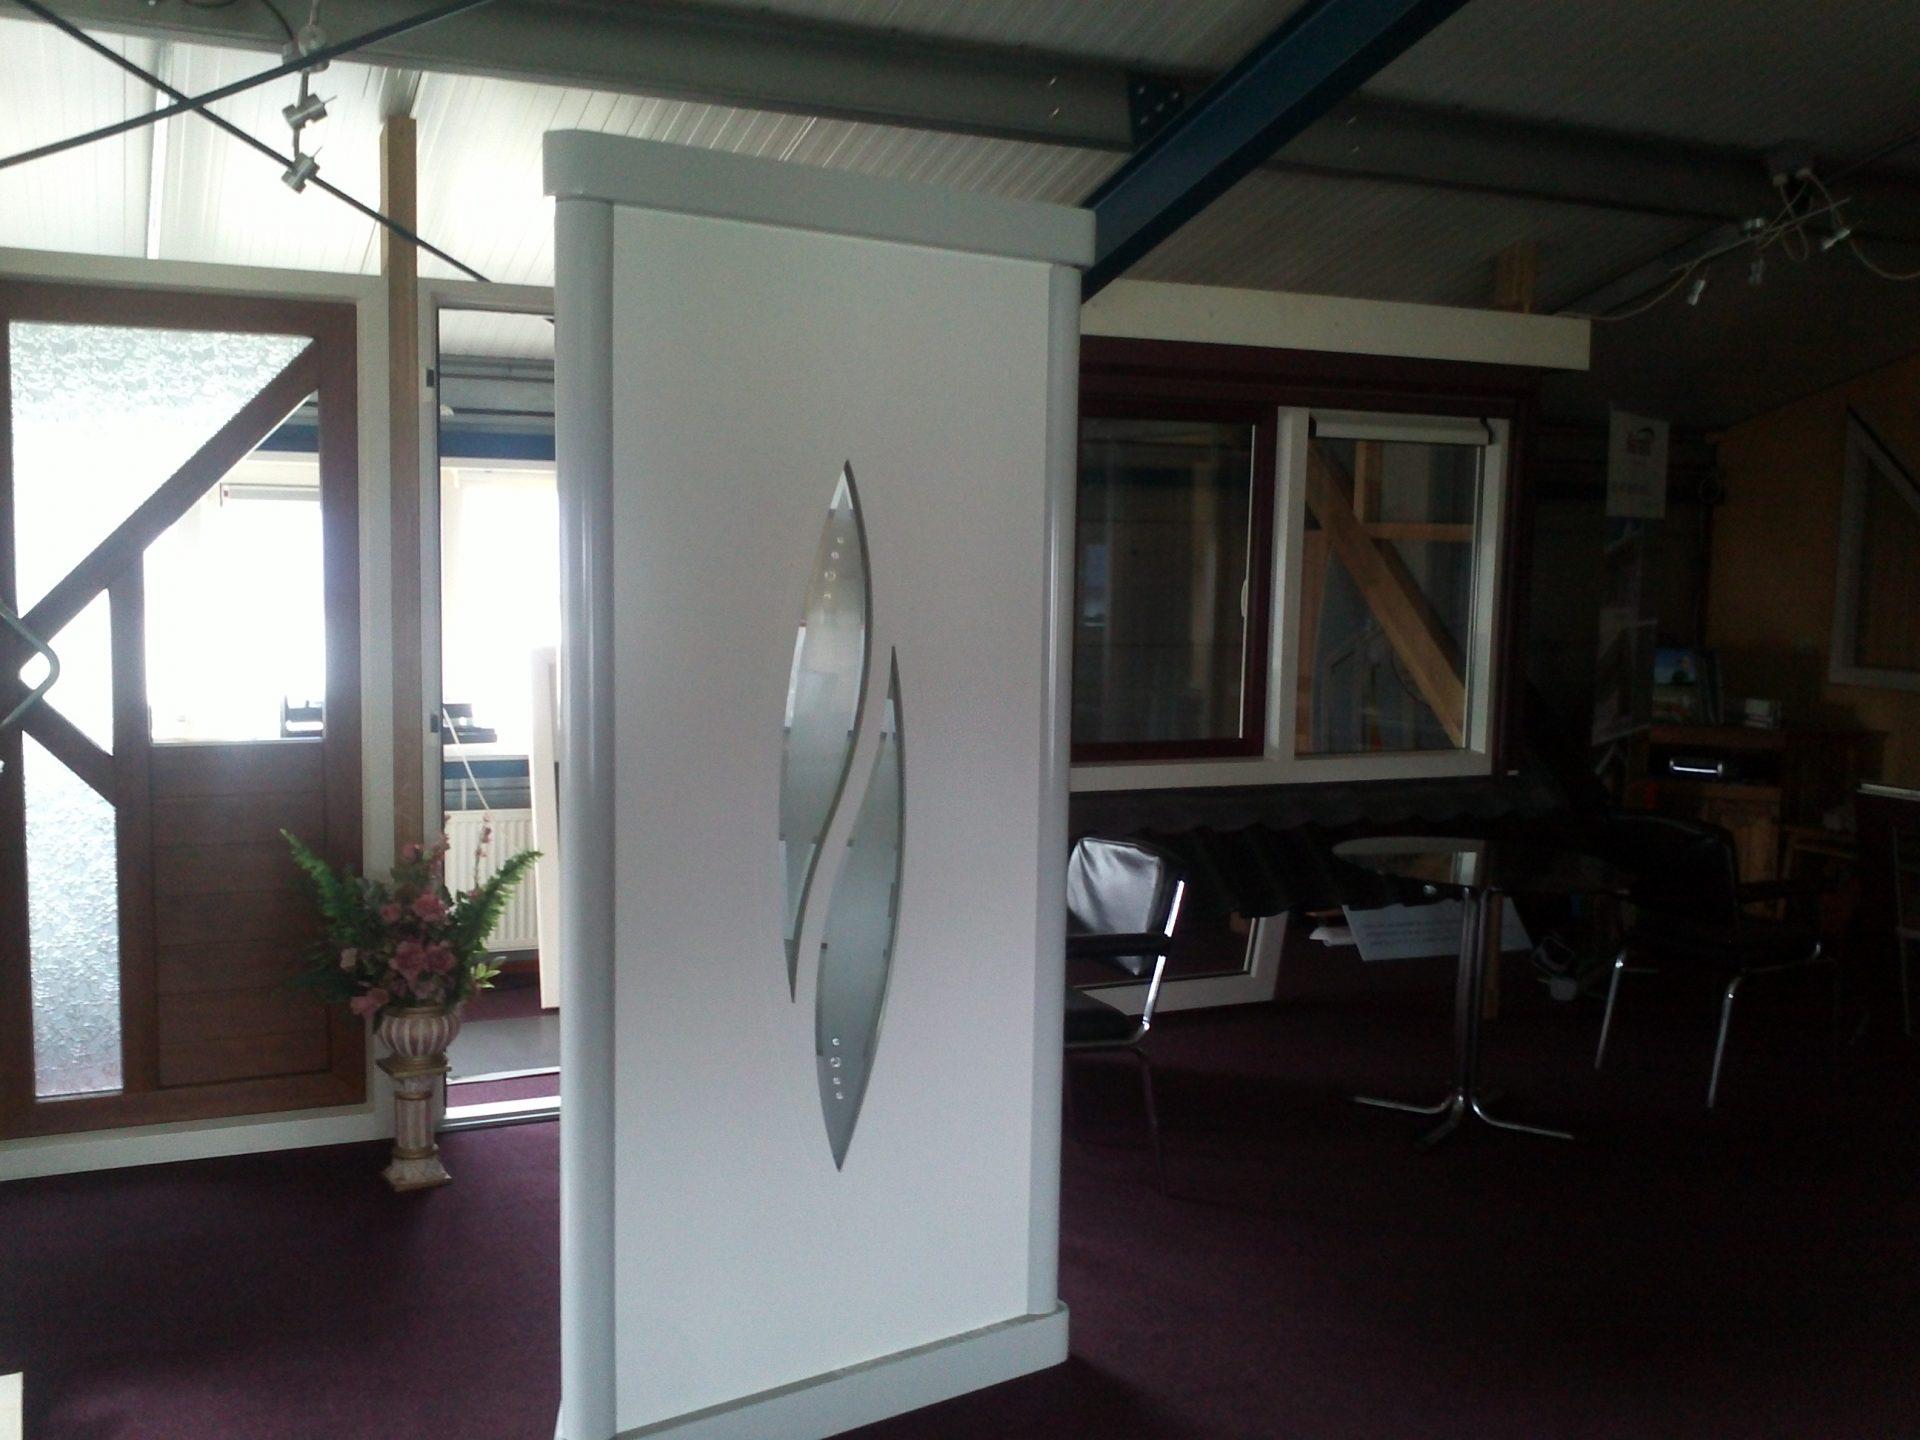 Dako kunststofkozijnen en dakkapellen showroom in Apeldoorn